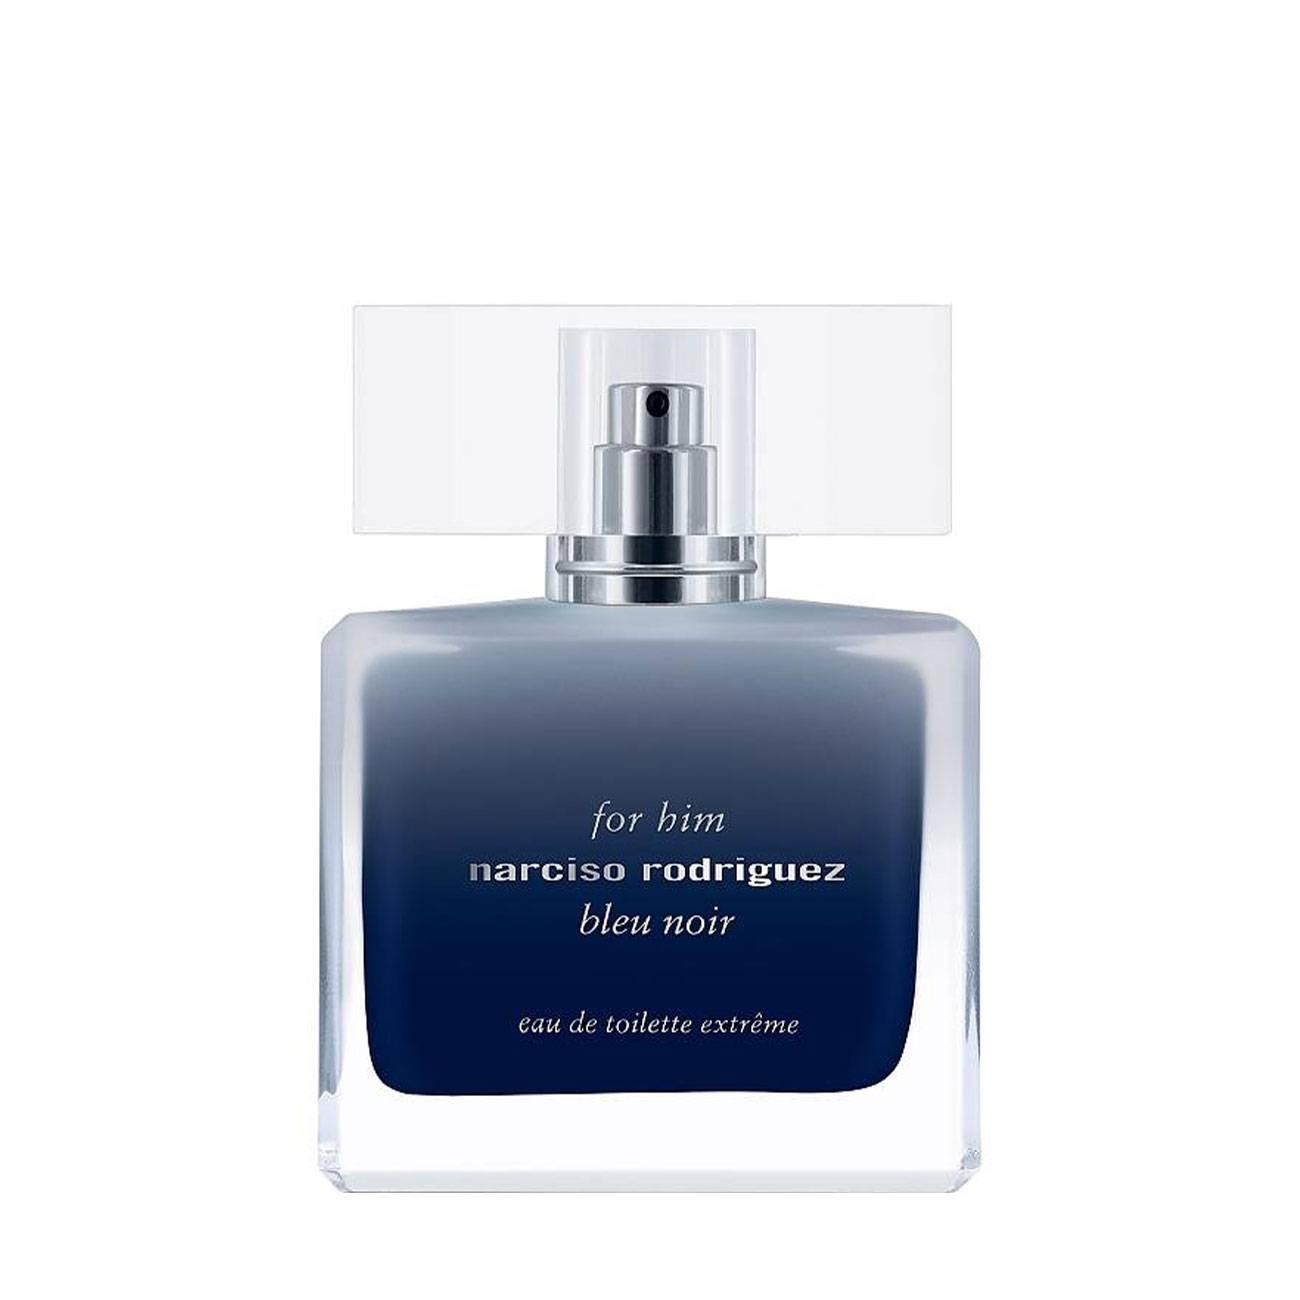 For Him Bleu Noir Eau De Toilette Extreme 50ml Narciso Rodriguez imagine 2021 bestvalue.eu